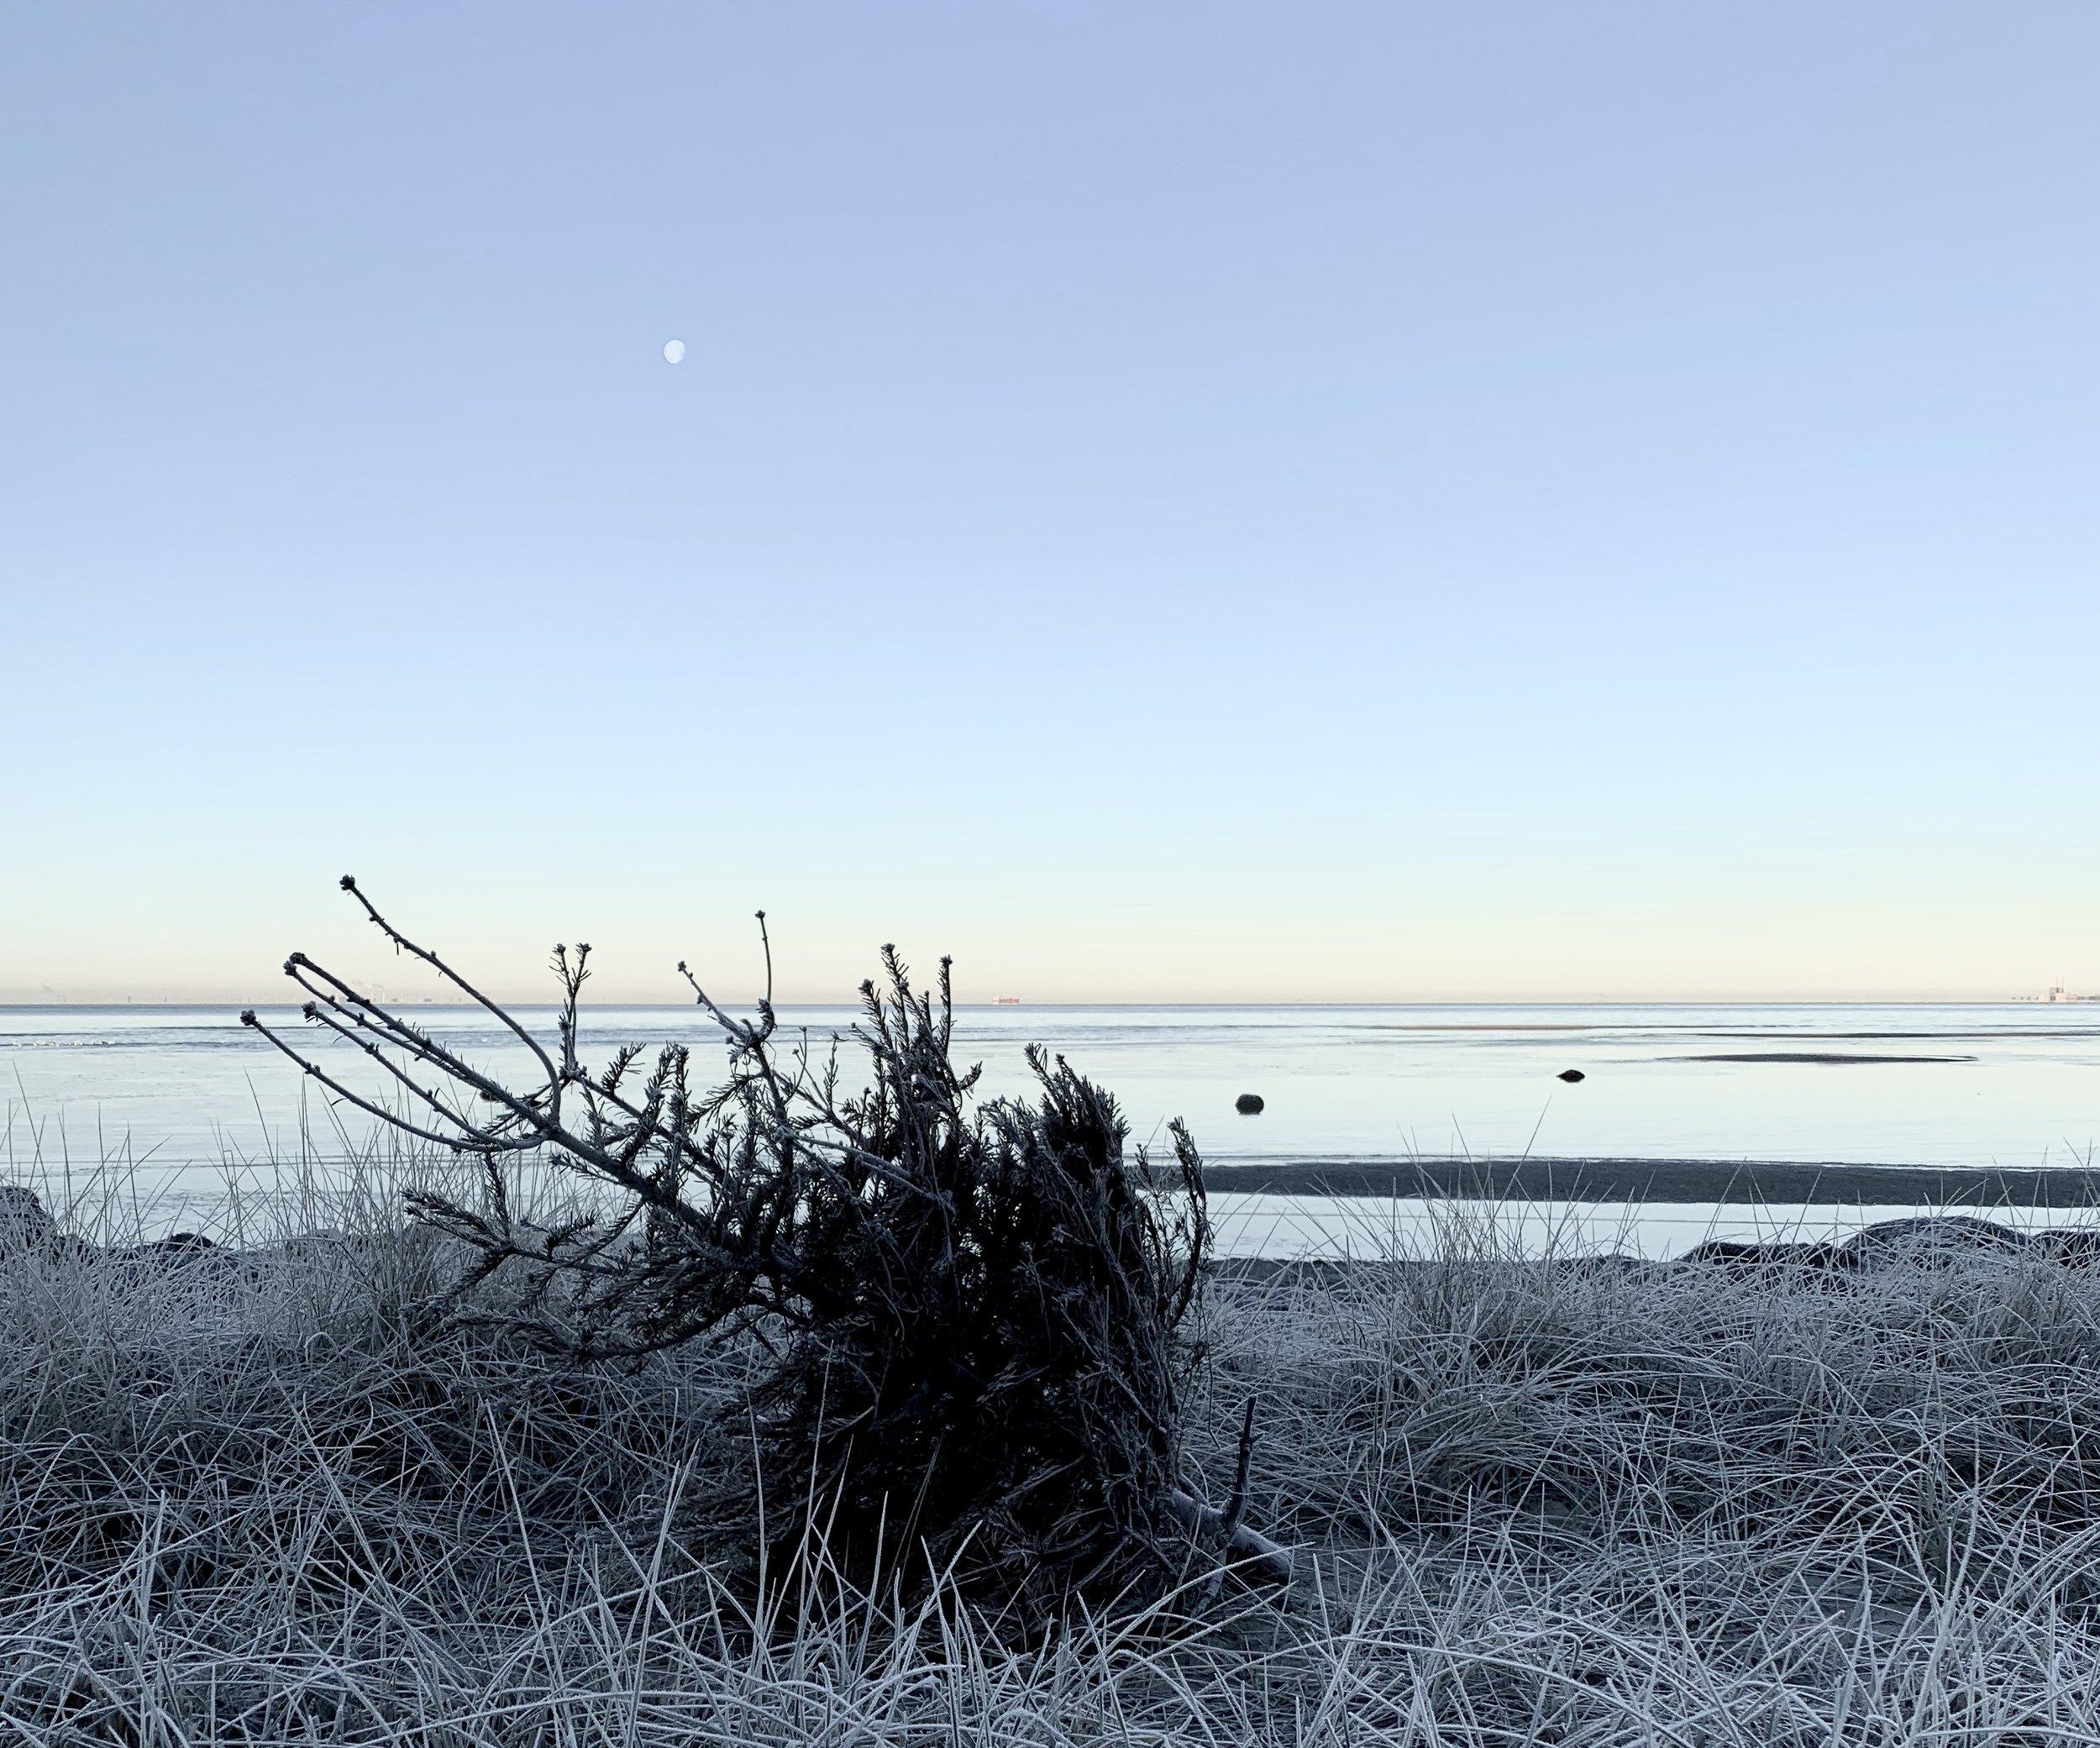 Den här veckan startade med en riktigt fin och första vinterdag. Den bjöd ut mig på en underbar morgonpromenad innan jobbet.